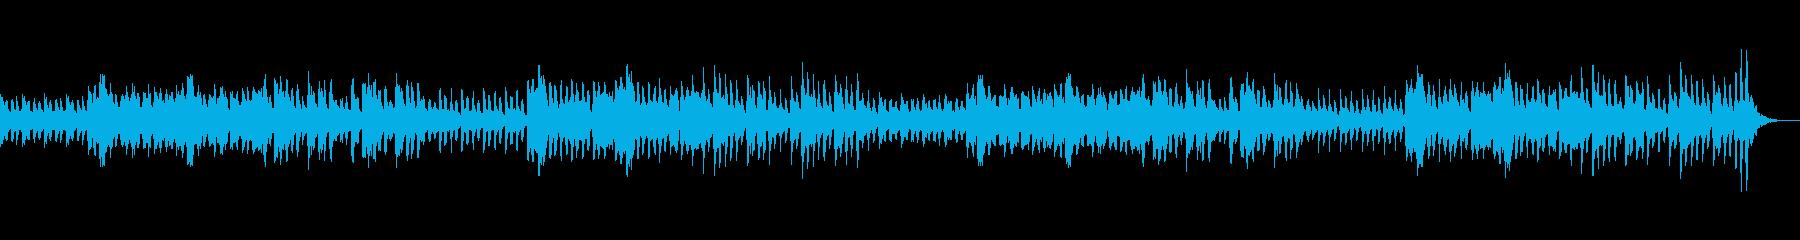 【森の散歩道】オーケストラルBGMの再生済みの波形